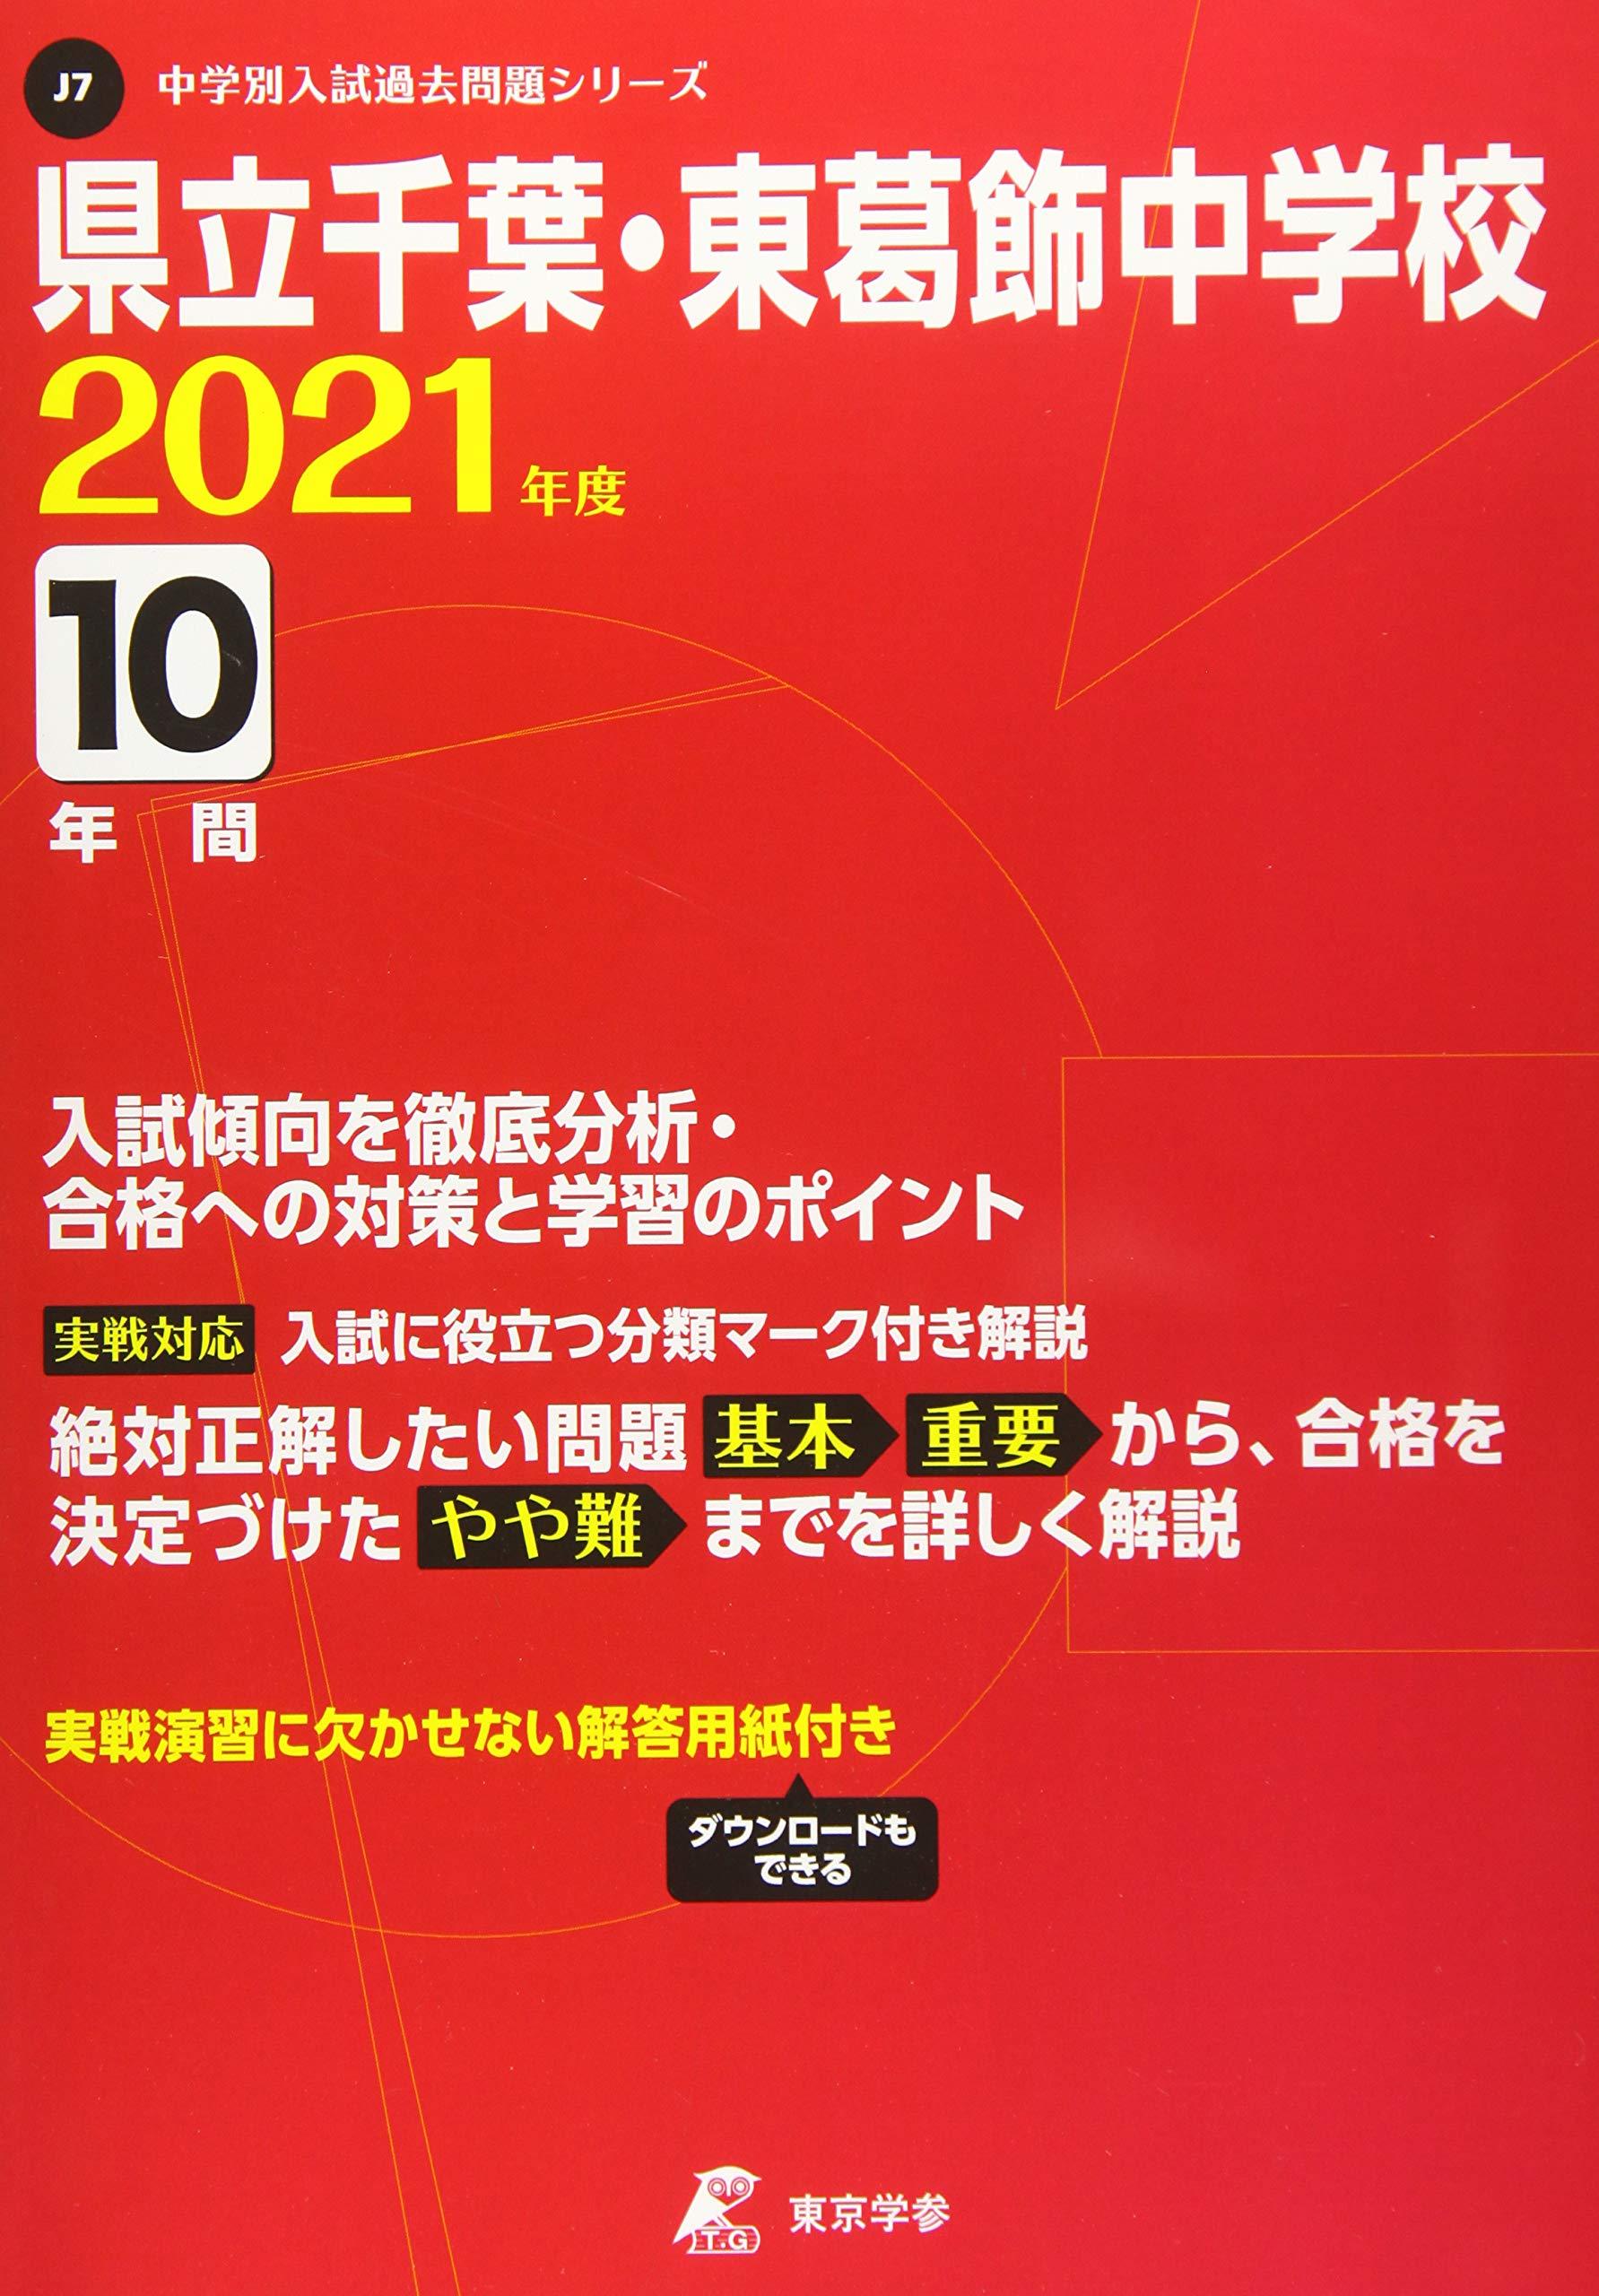 J07_2021(Back_Number)